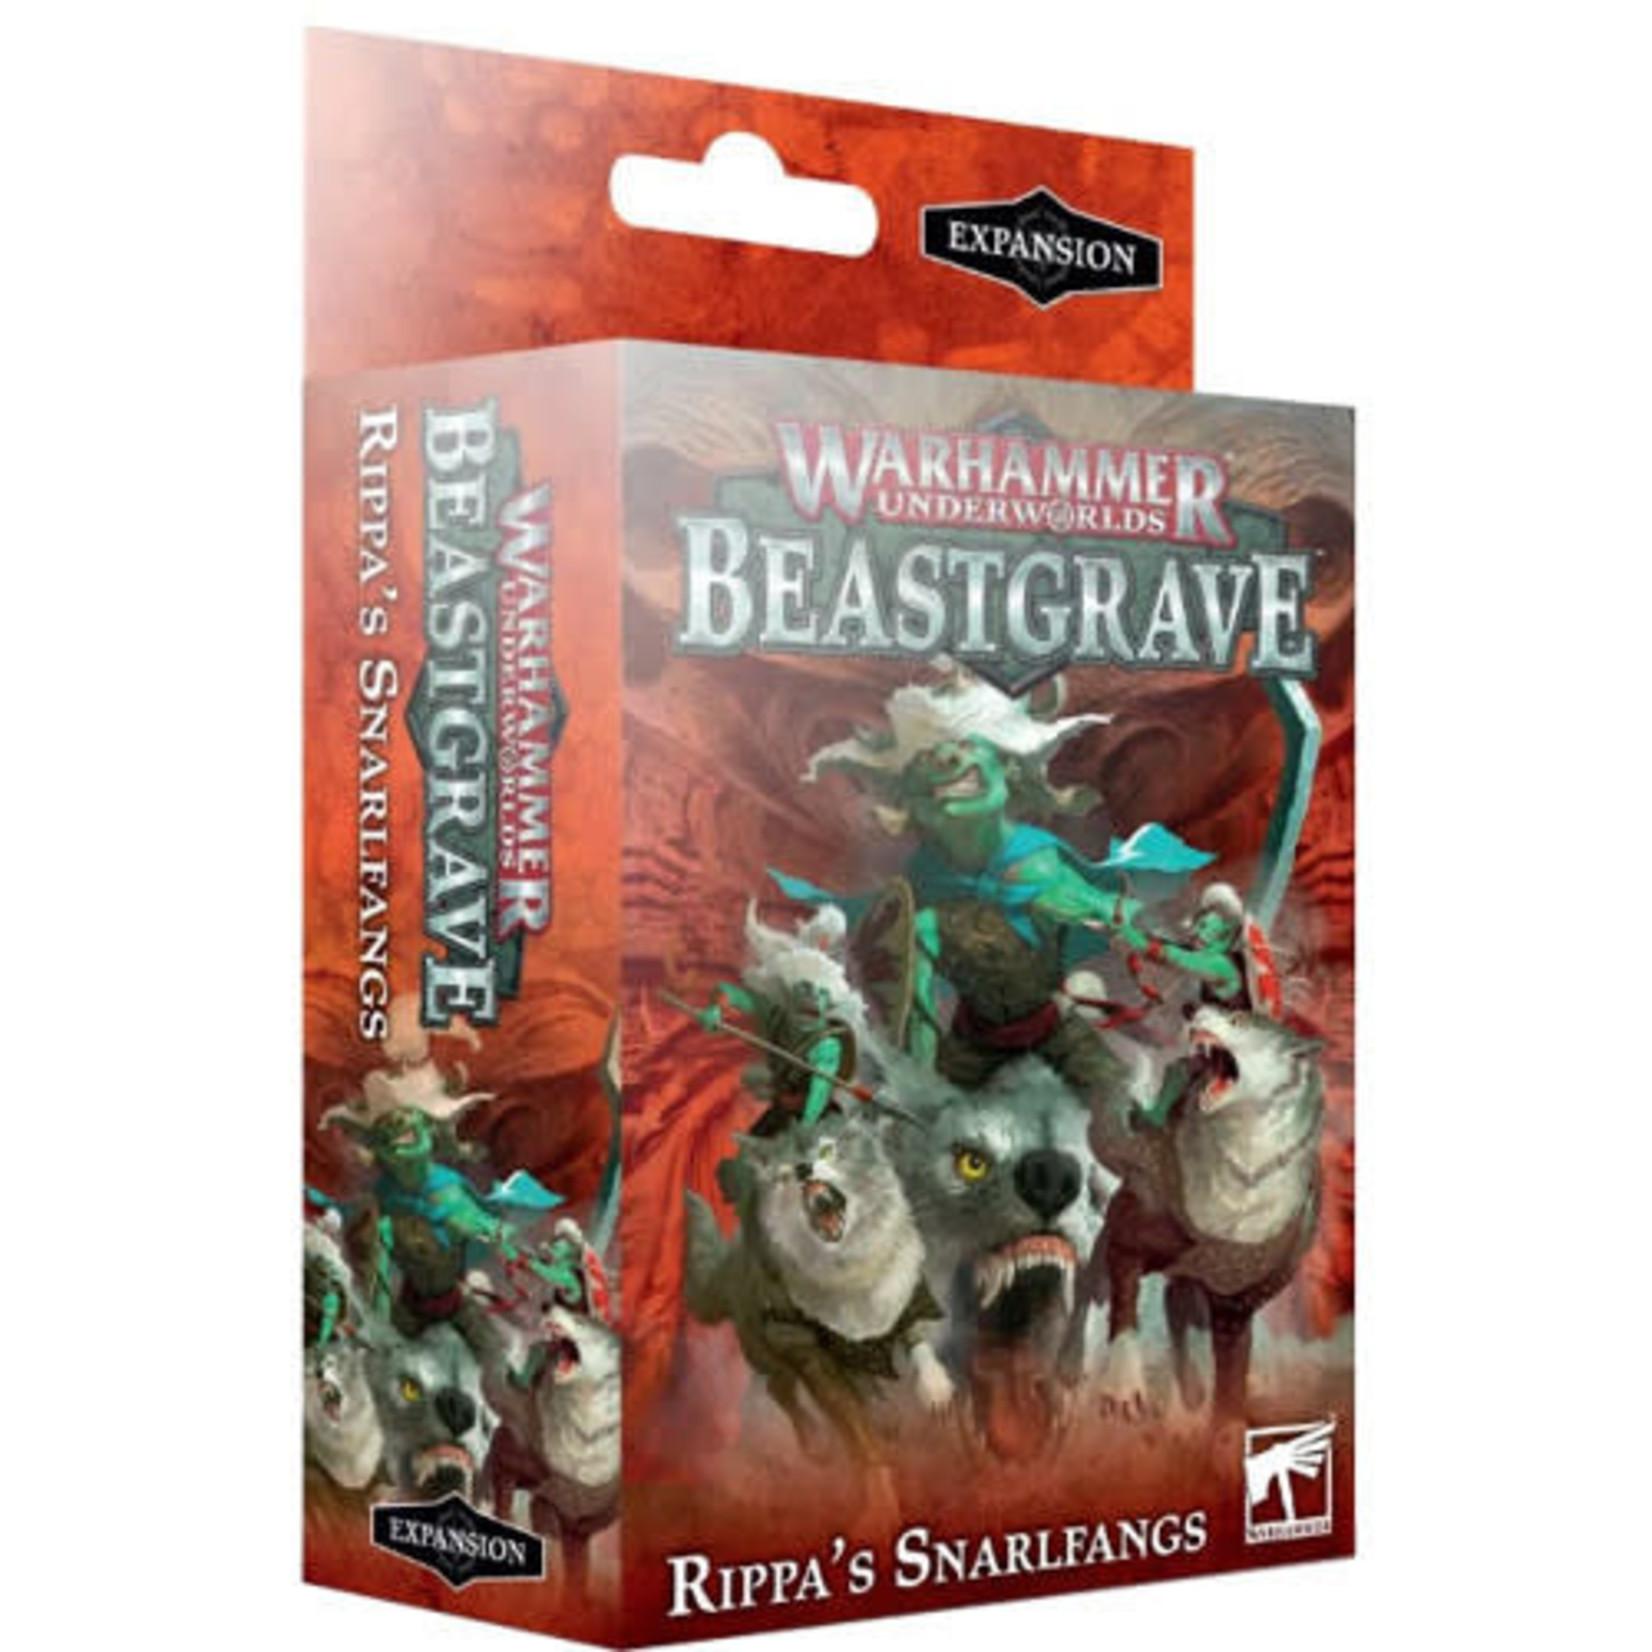 Underworlds BeastGrave Rippas Snarlfangs